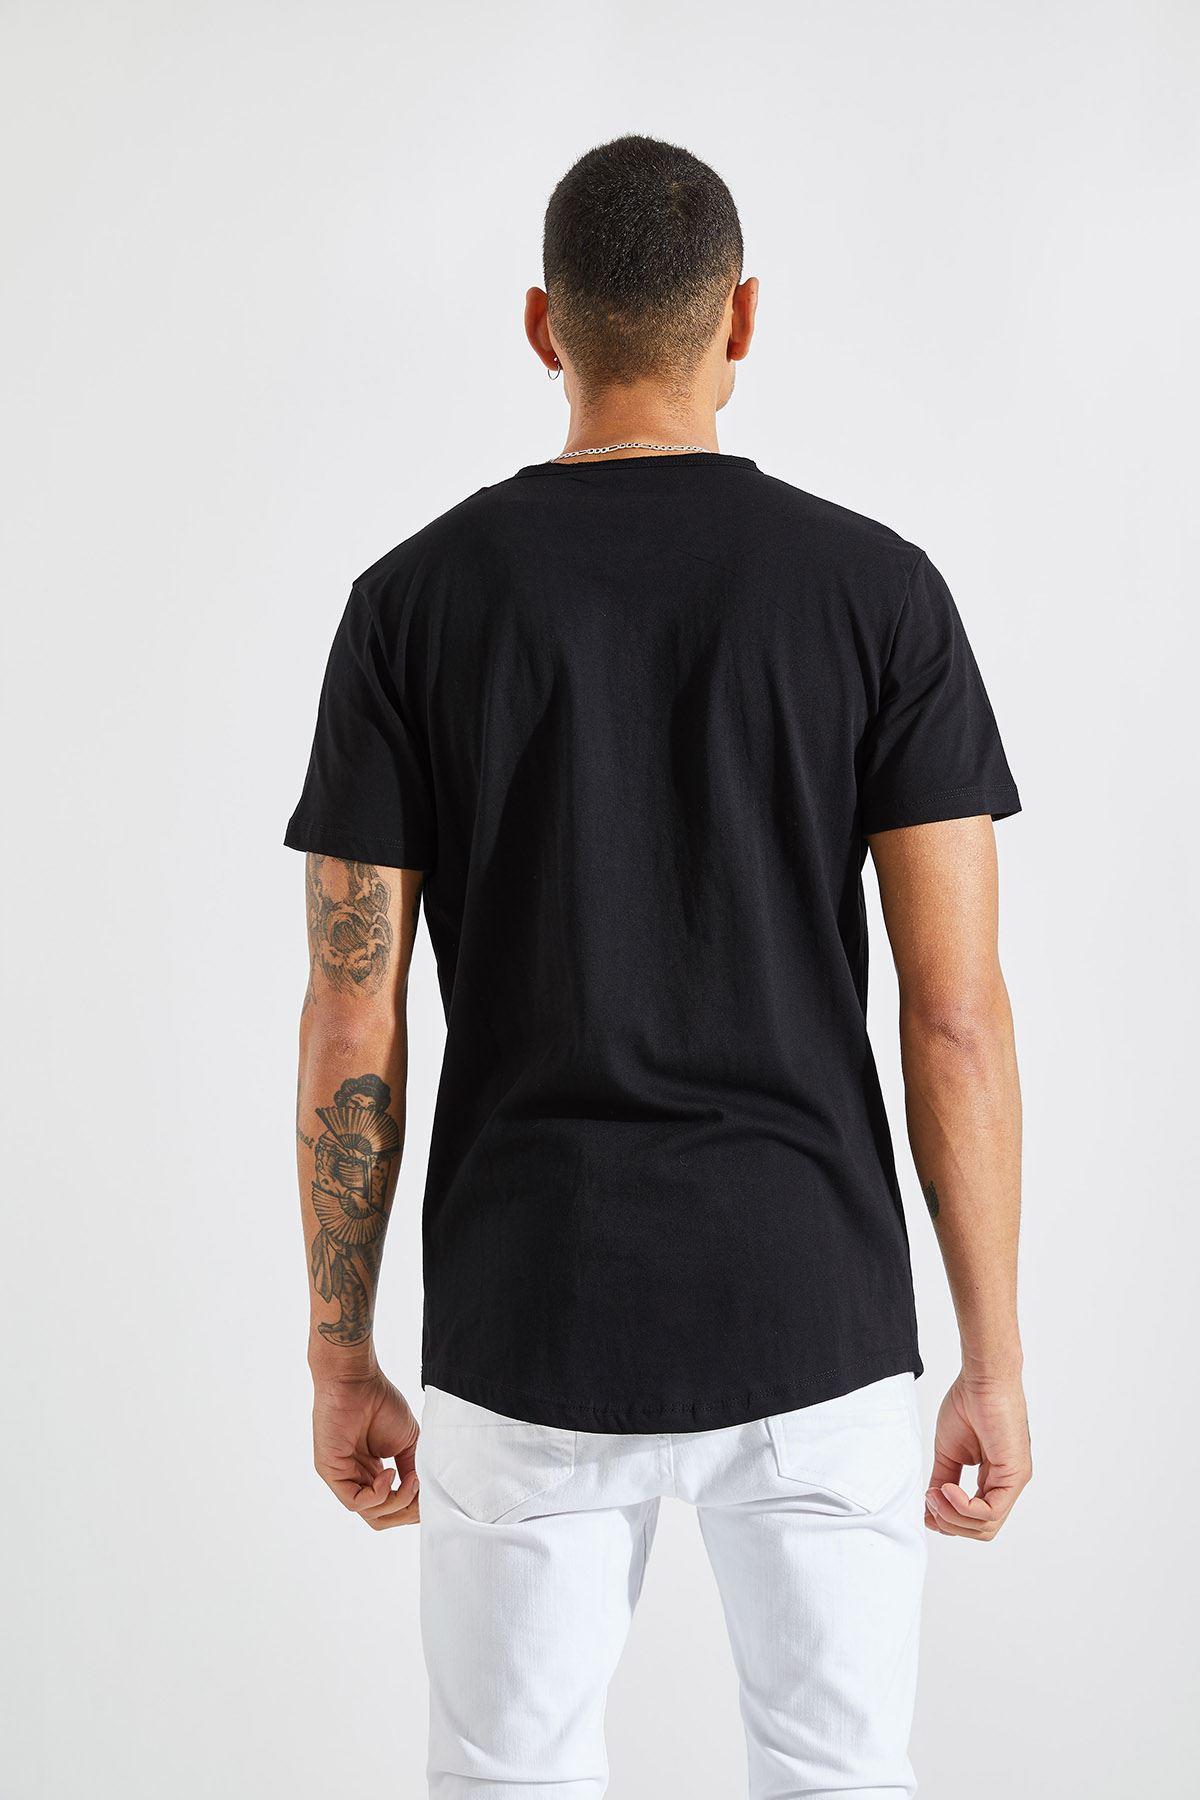 Erkek Pis Yaka 3 Çizgi Fırça Baskı Siyah Tişört